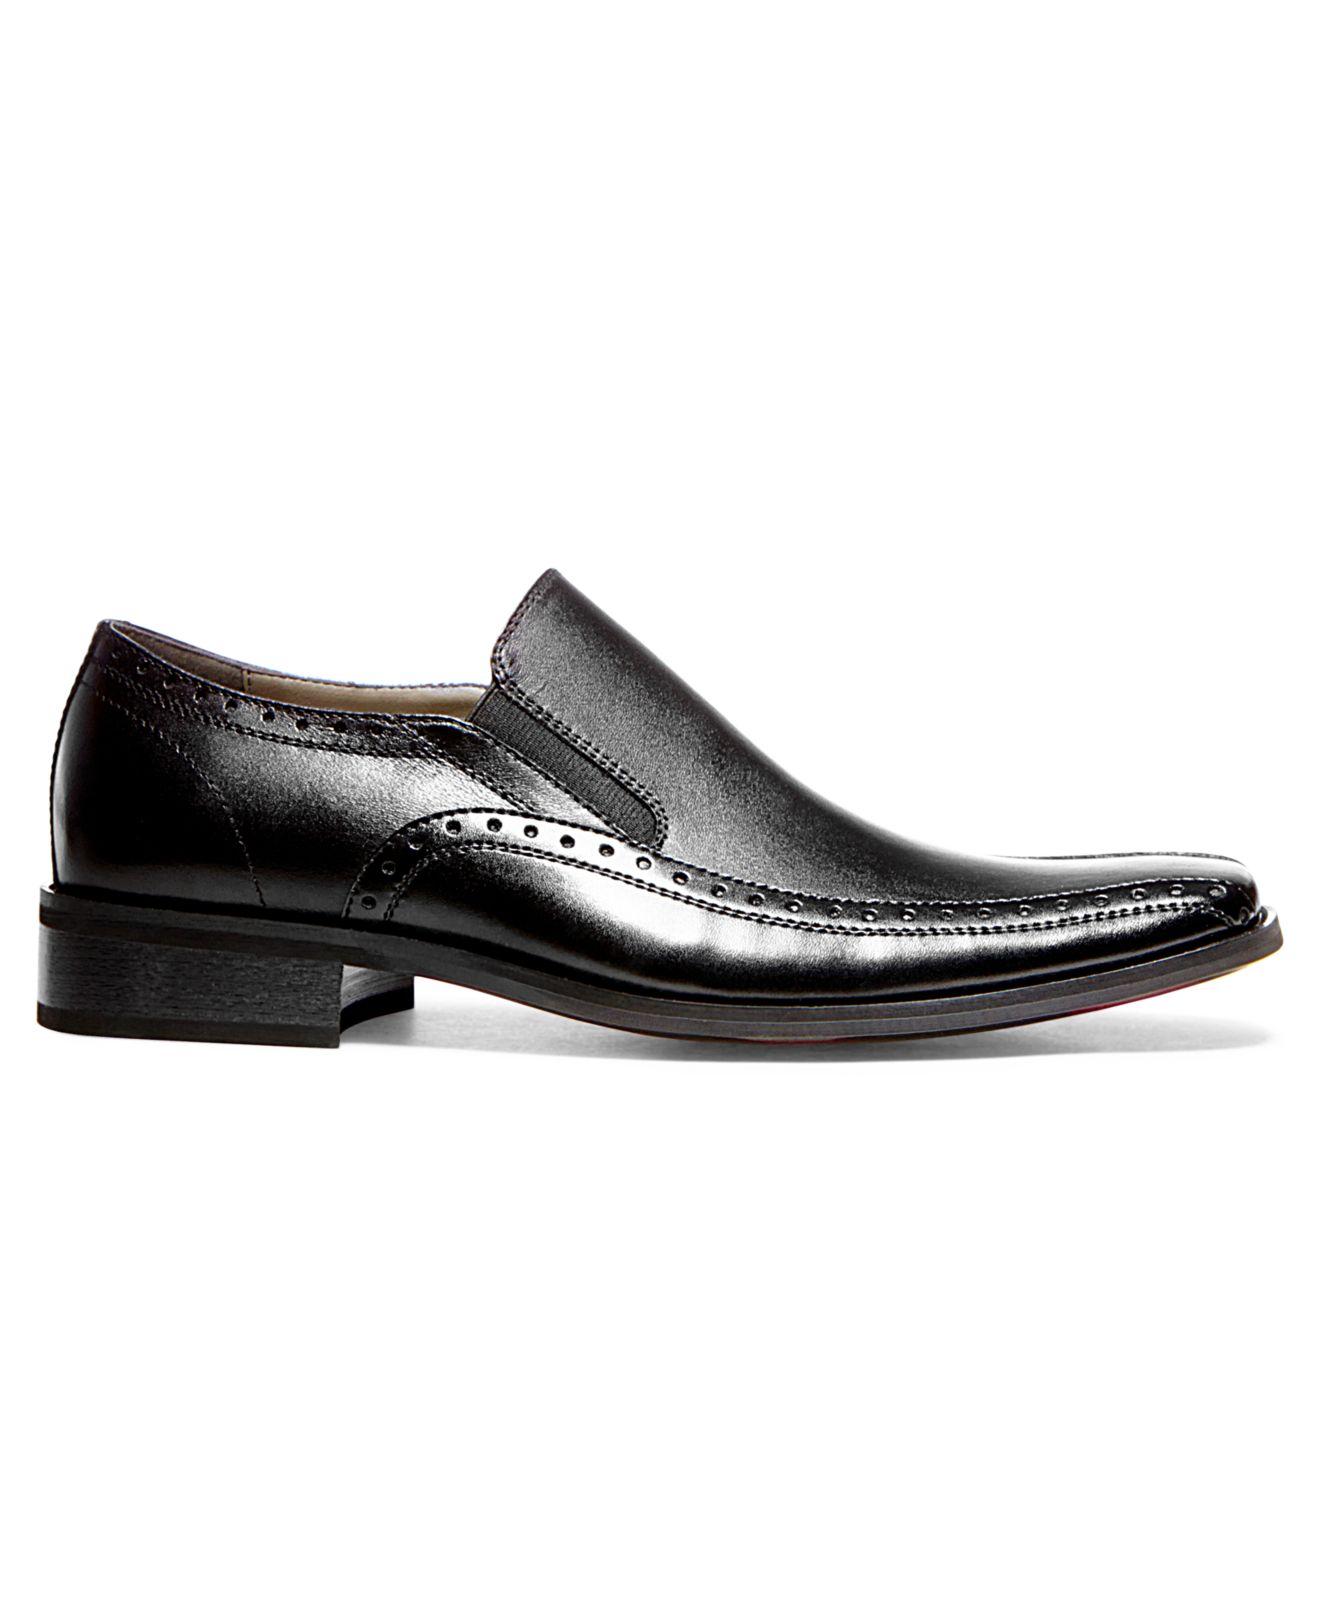 62b45f8b20b Steve Madden Black Kaptive Slip-on Dress Shoes for men